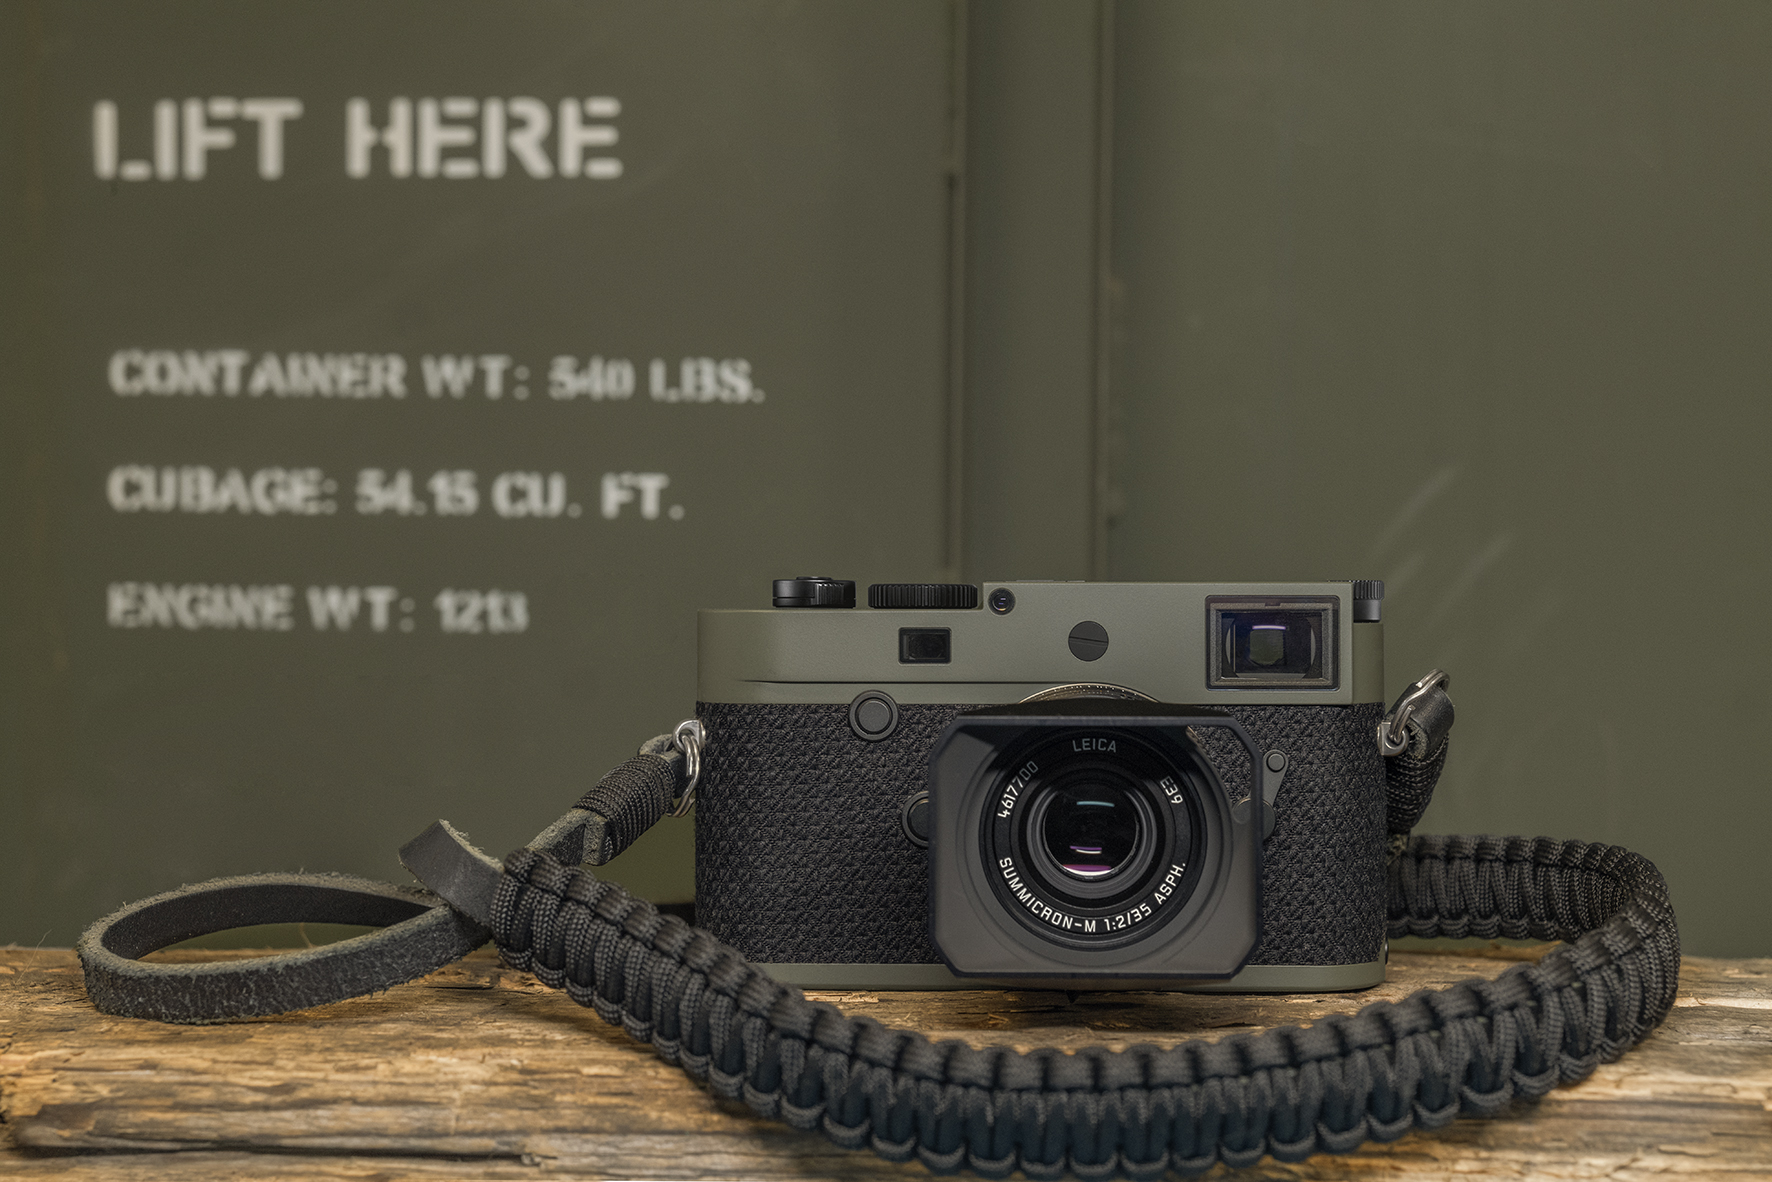 Leica выпустила камеру M10-P Reporter лимитированной серии (M10 P Reporter Ambient1 RGB)